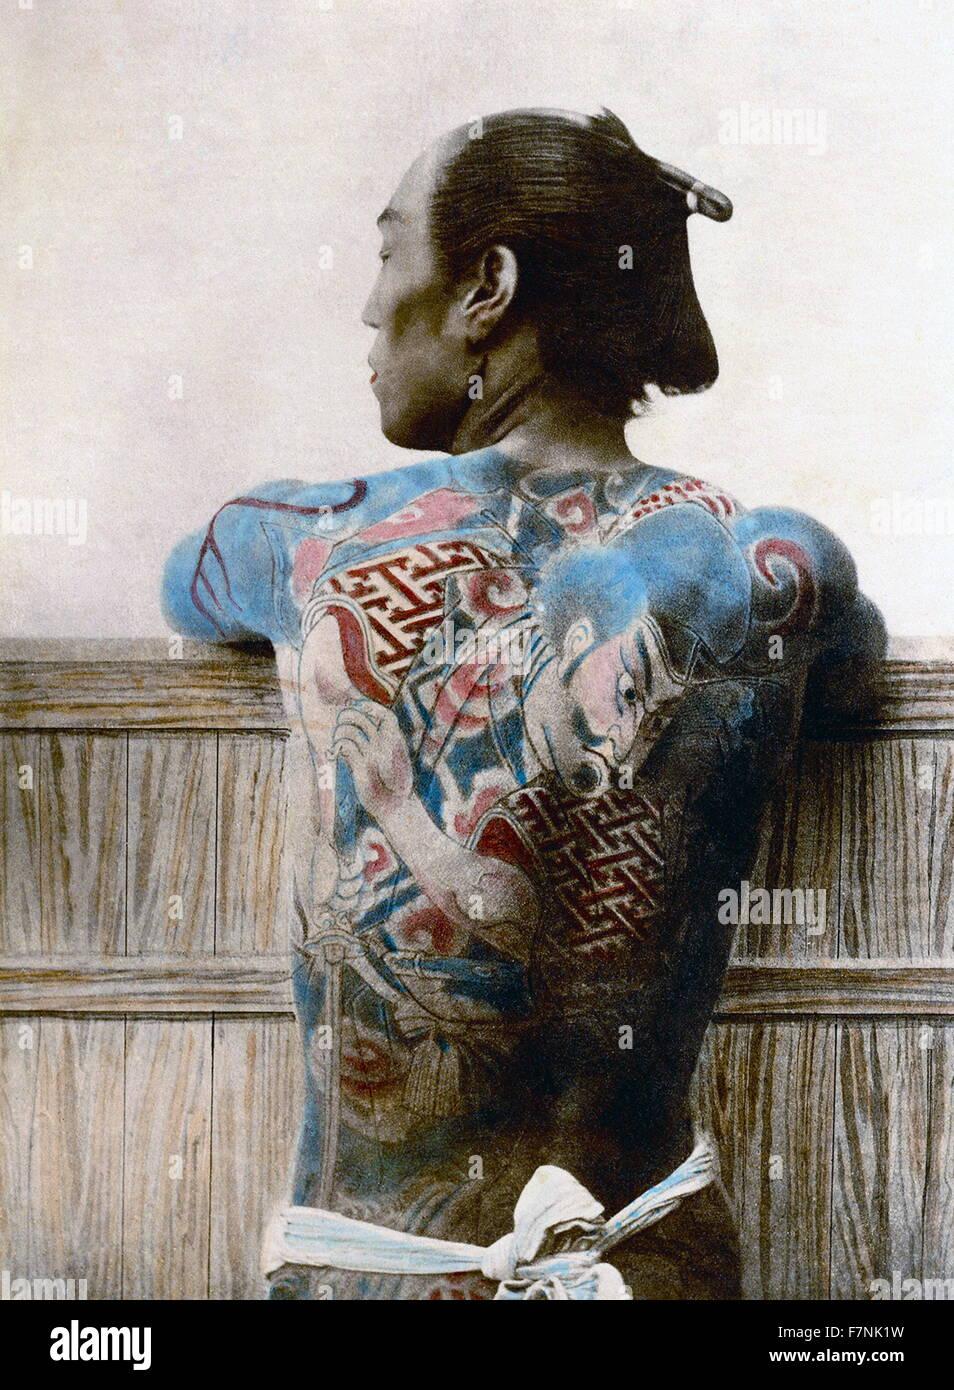 Guerrier Samouraï japonais avec des tatouages. Vintage photographie du Japon 1890 Photo Stock